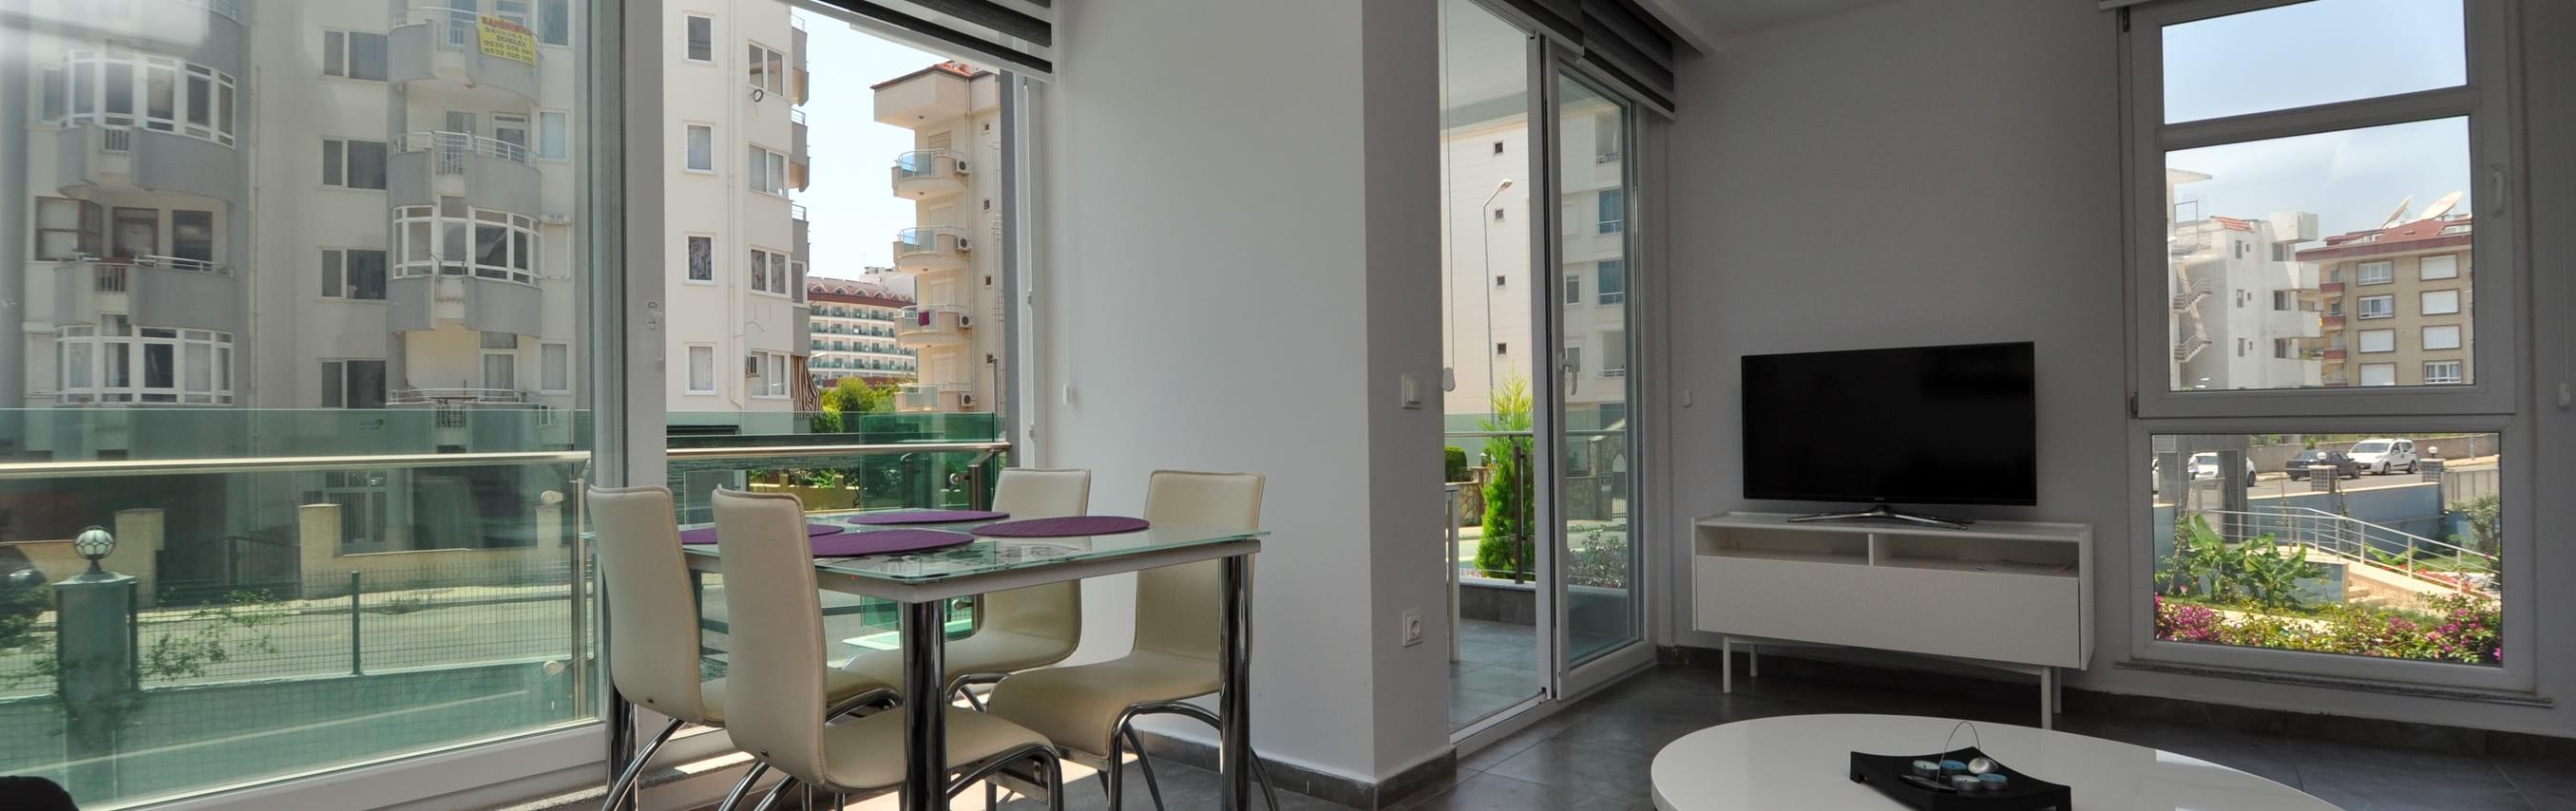 Mini Maxi Suite Apartments Oba